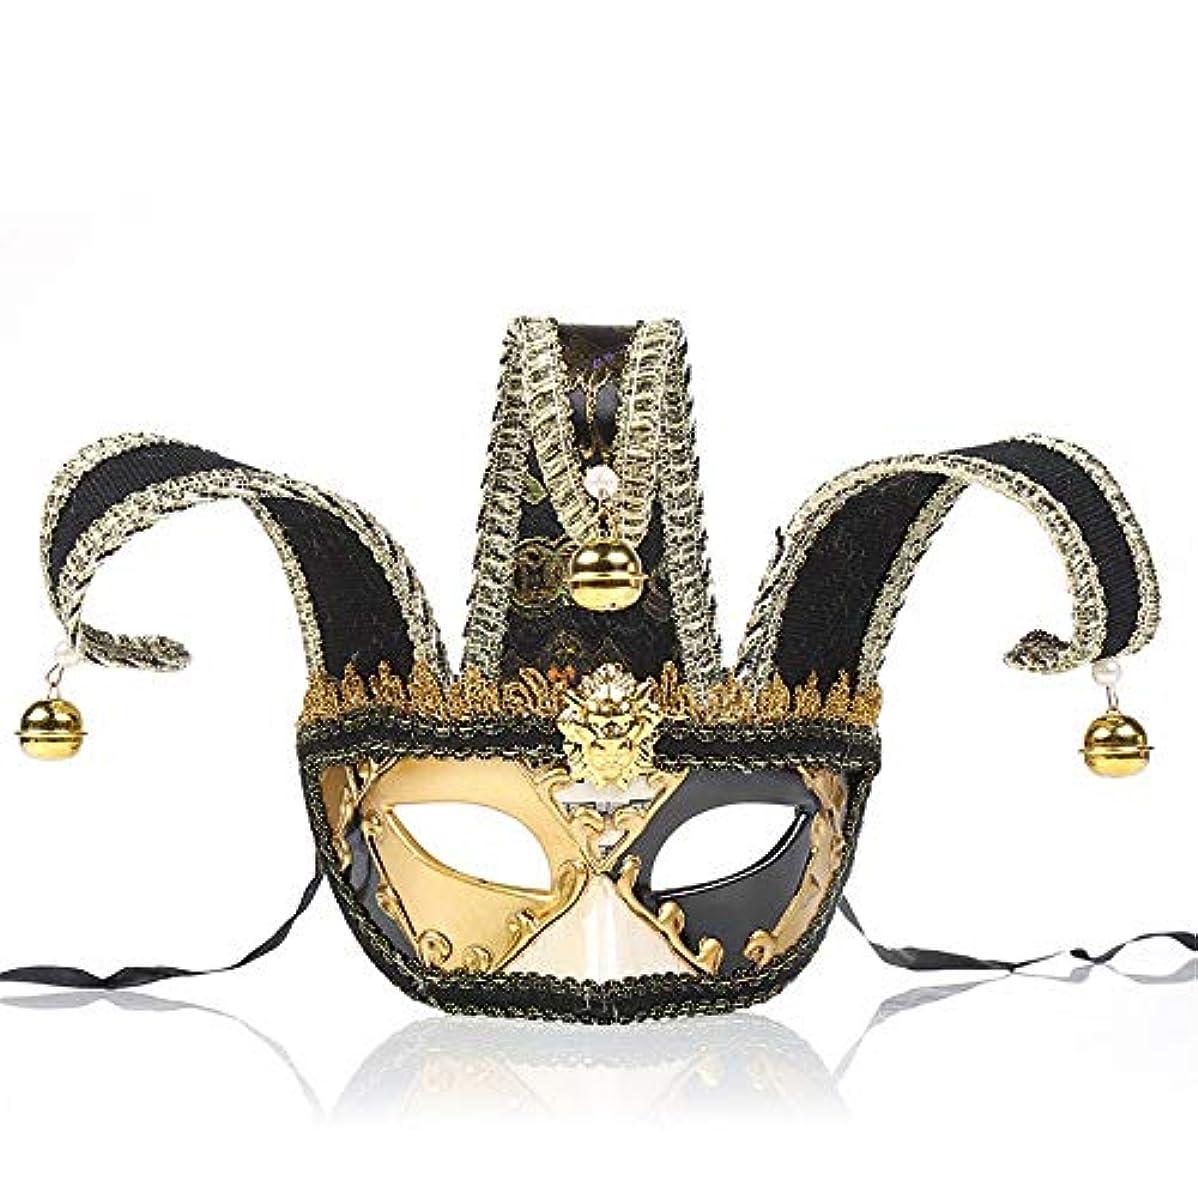 副詞来て立証するダンスマスク 若者の少女ハロウィーンギフトレトロマスクホット販売マスカレードロールプレイング装飾 ホリデーパーティー用品 (色 : ブラック, サイズ : 28x16.5cm)